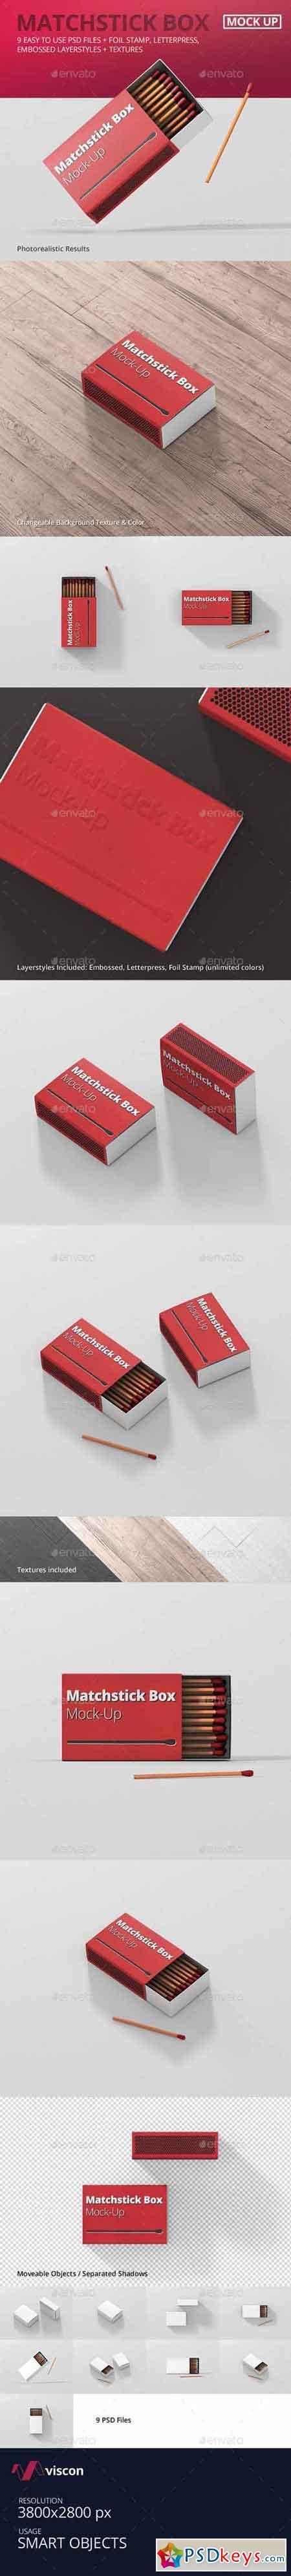 Match Box Mock-Up 15946285